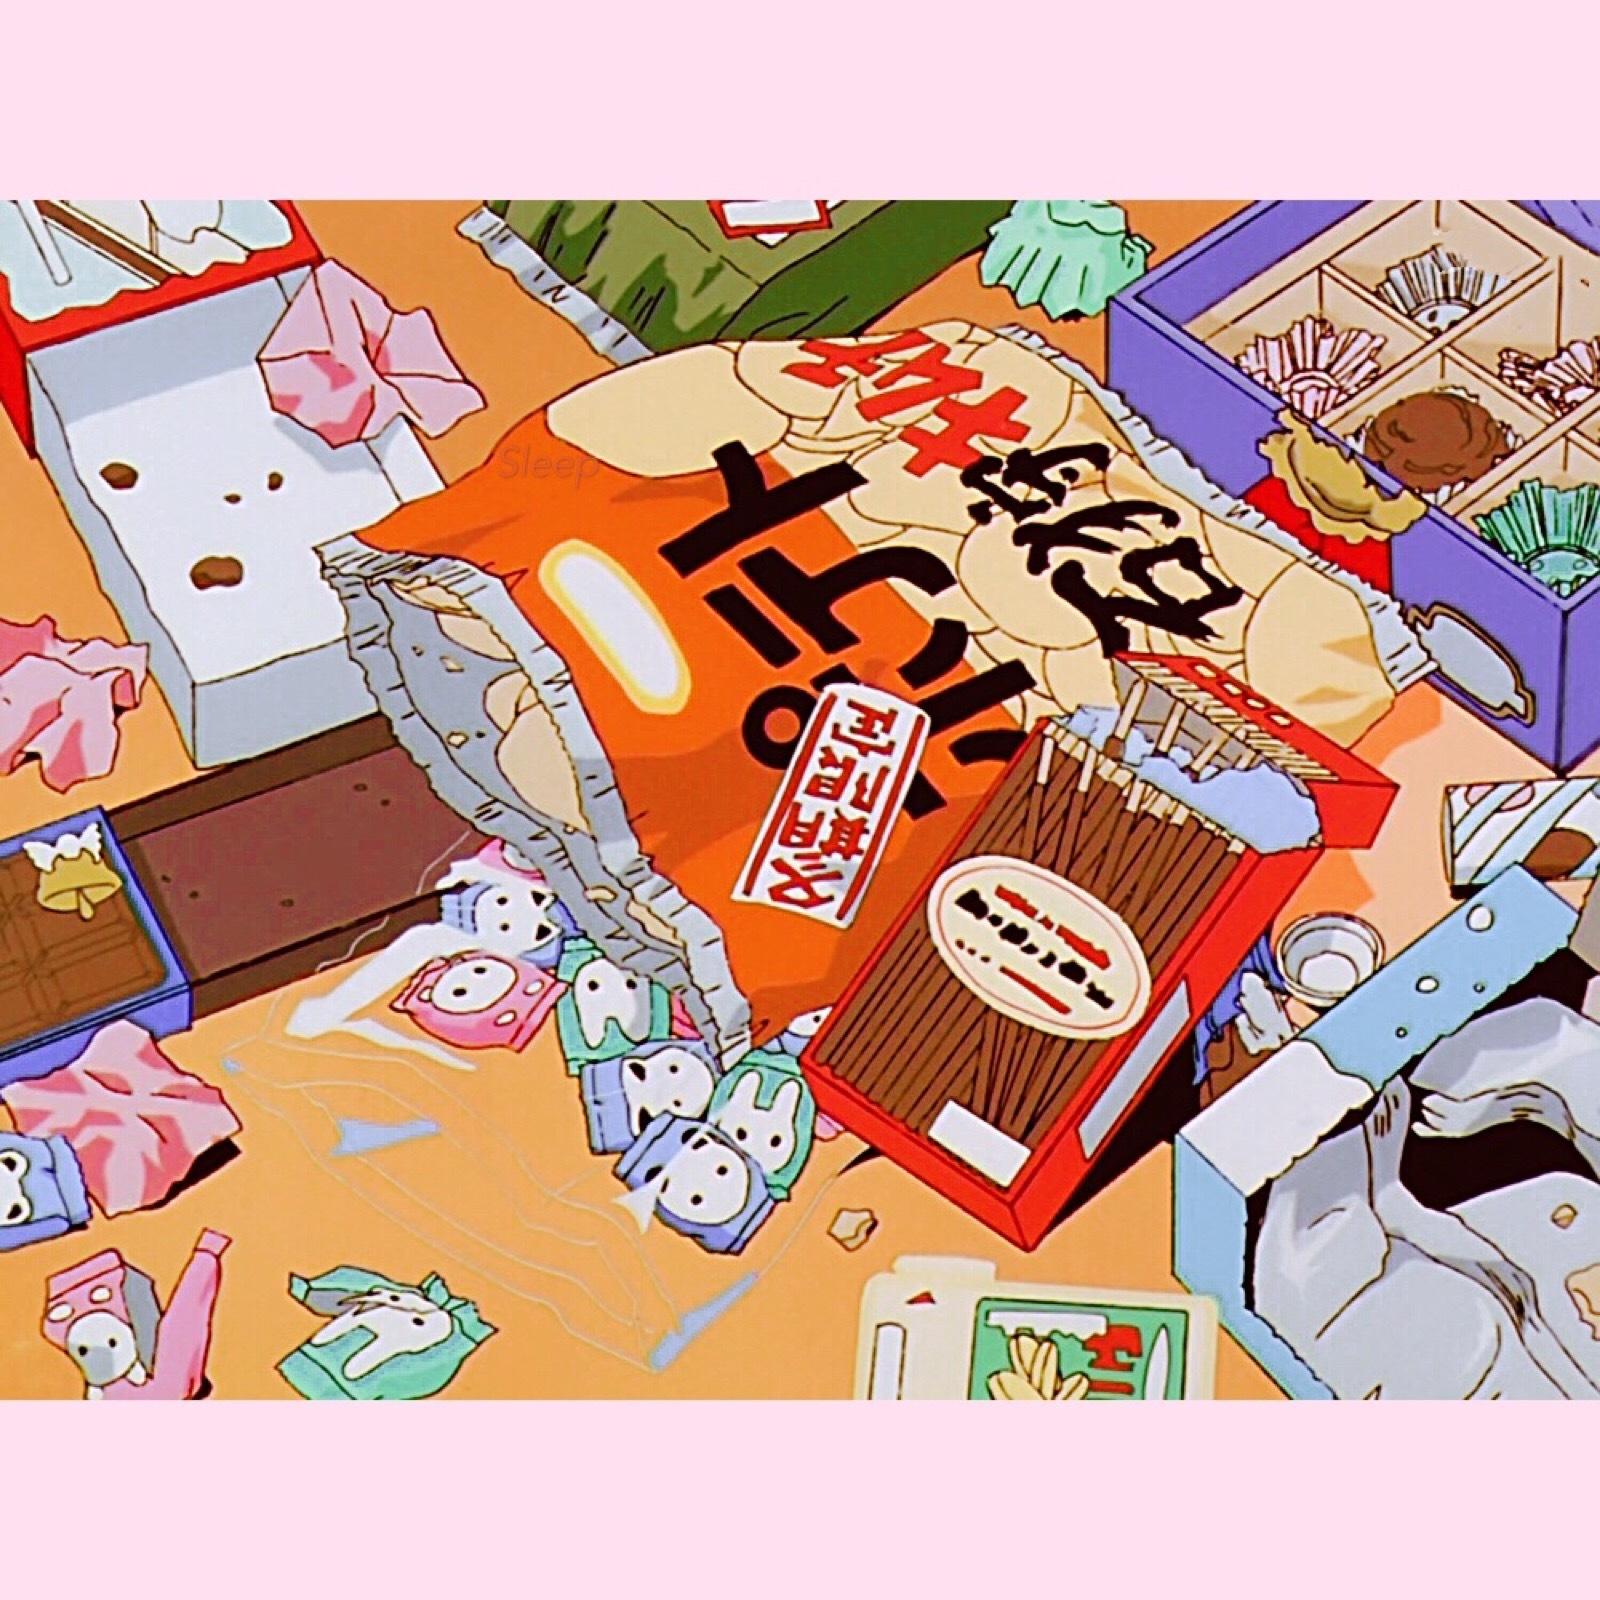 卡通动漫零食美食治愈系朋友圈背景图噢